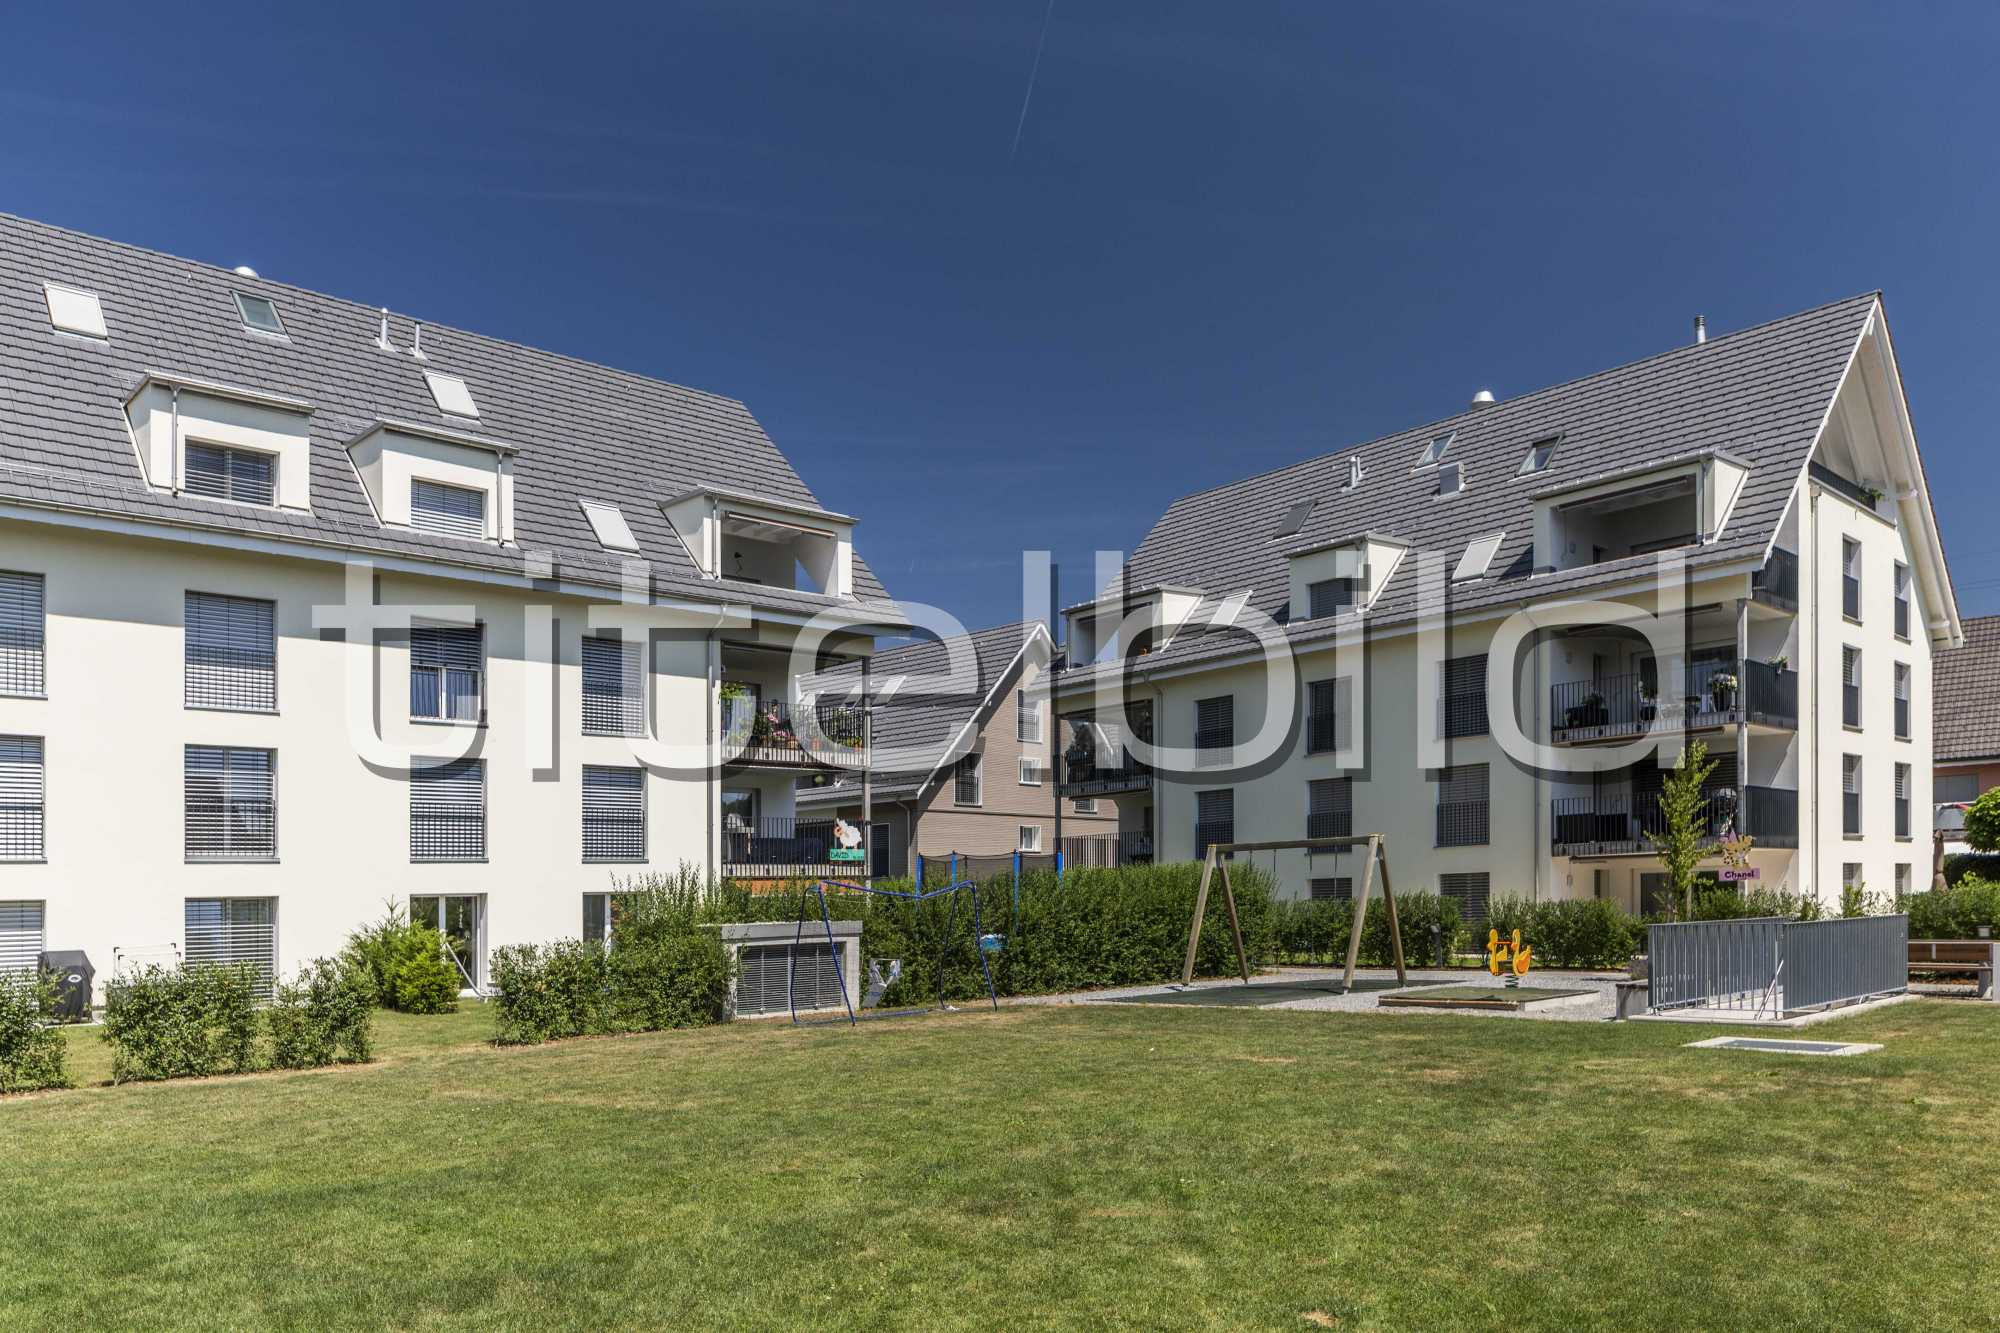 Projektbild-Nr. 0: Wohnen im Dorfzentrum Adlerweg